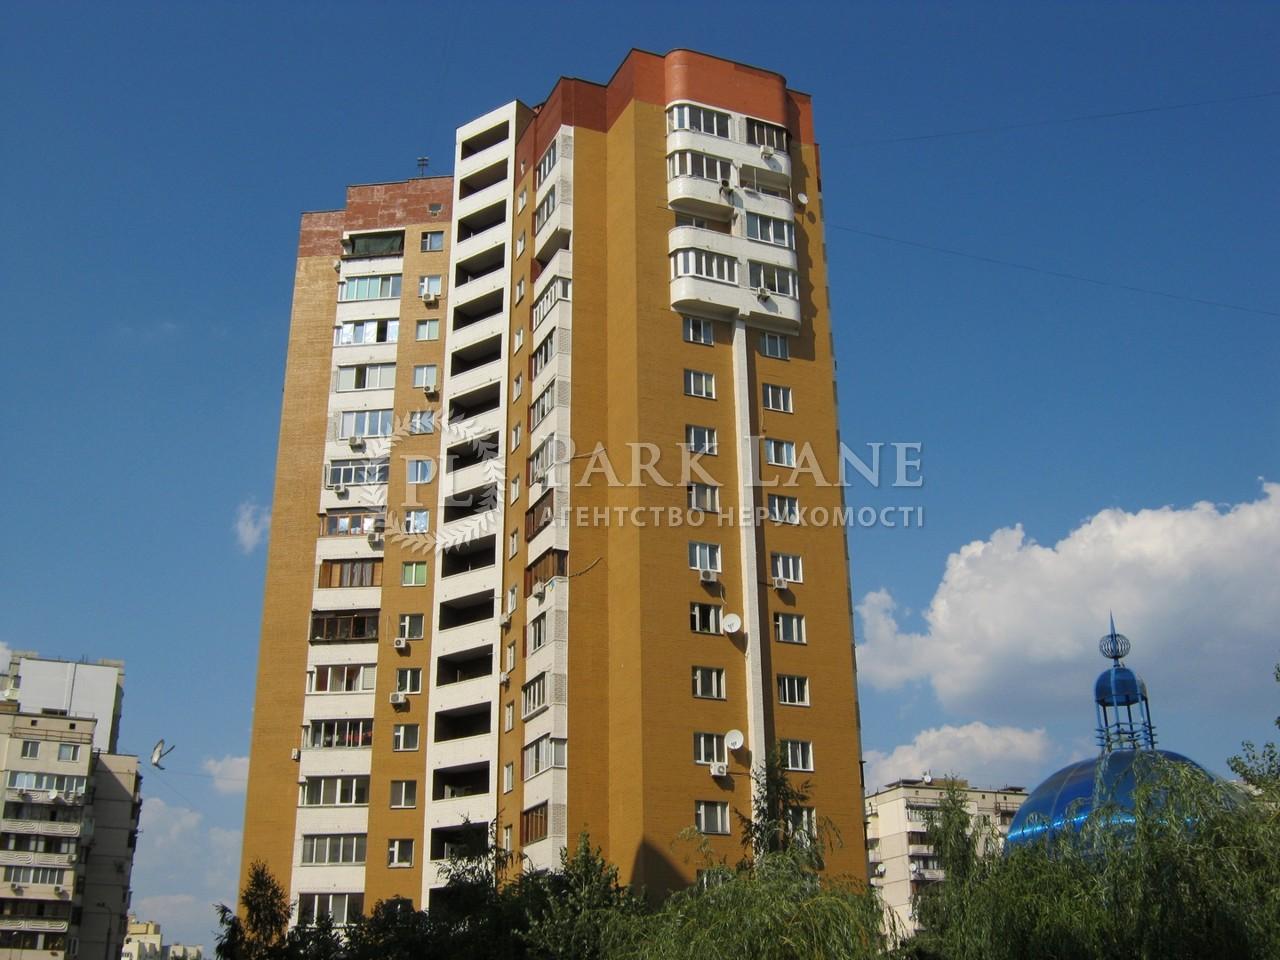 Нежилое помещение, ул. Вишняковская, Киев, R-6962 - Фото 1